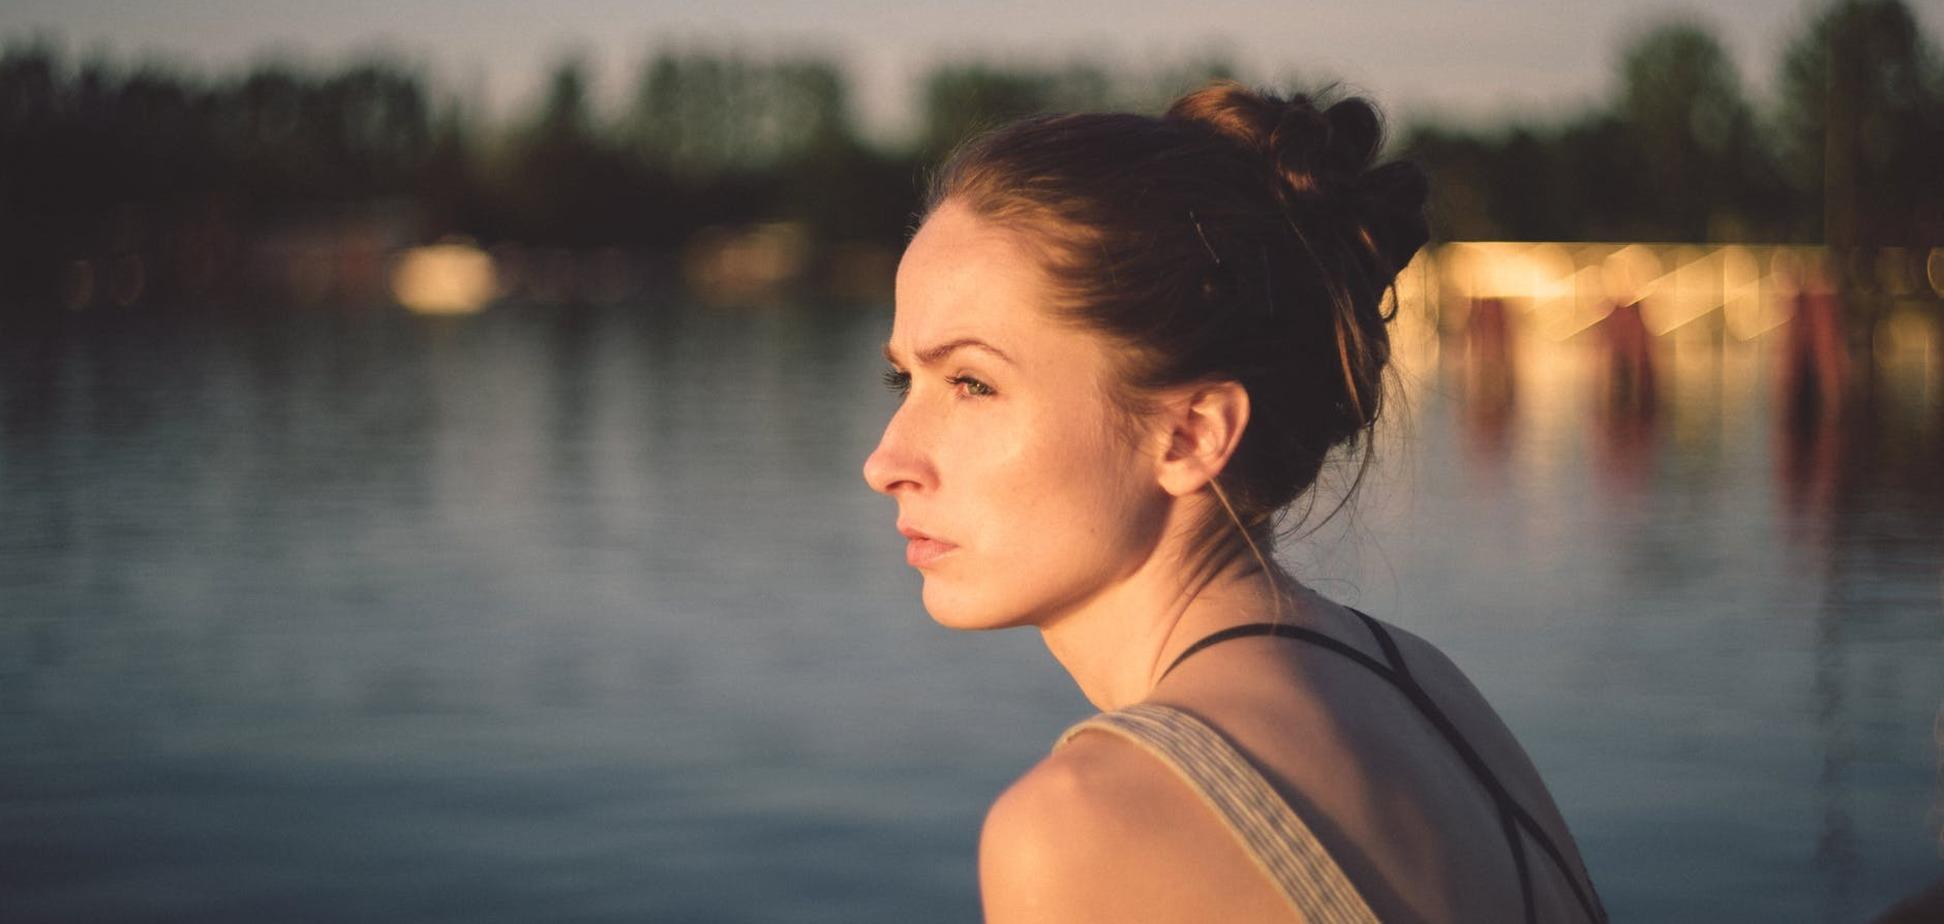 Как справиться с эмоциональным выгоранием: советы психолога